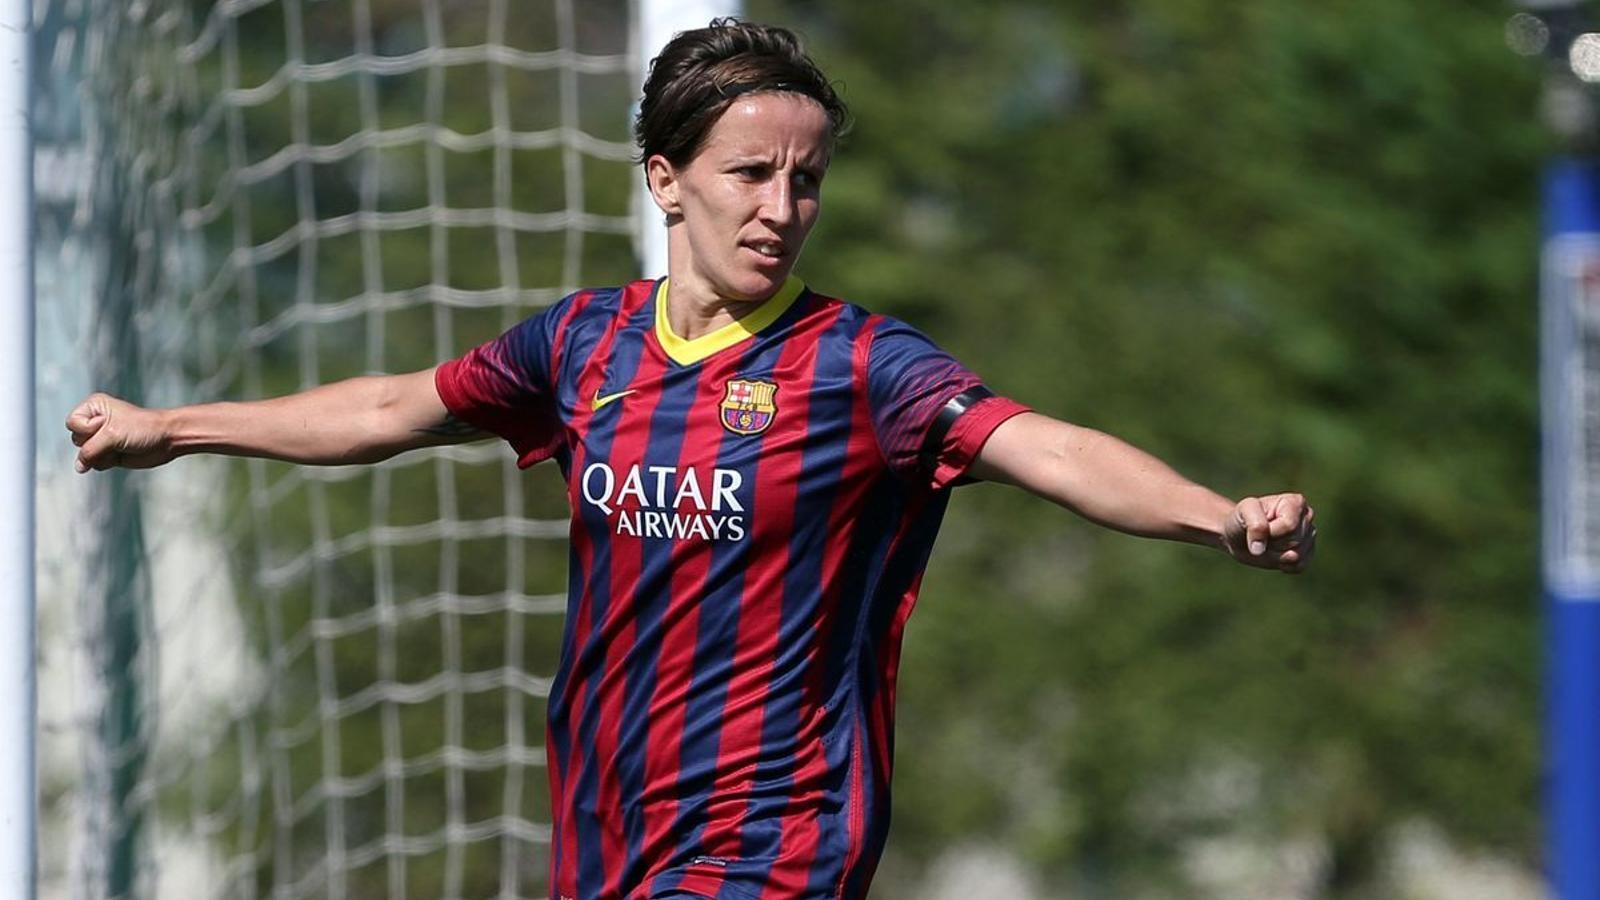 Es retira als 35 anys Sonia Bermúdez, la davantera campiona de lliga en 9 ocasions